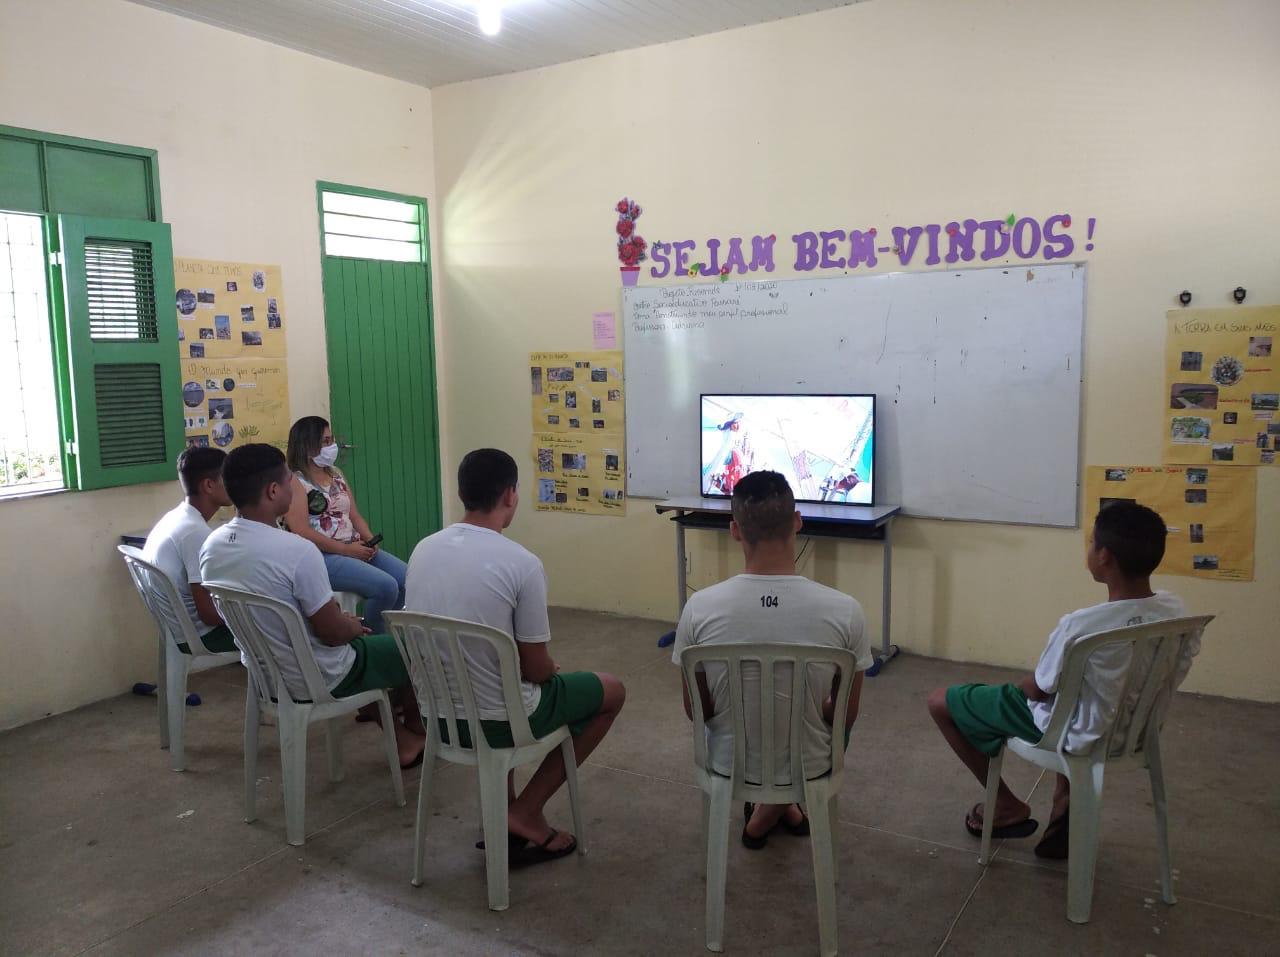 Adolescentes assistem programação educativa da Rede Cuca